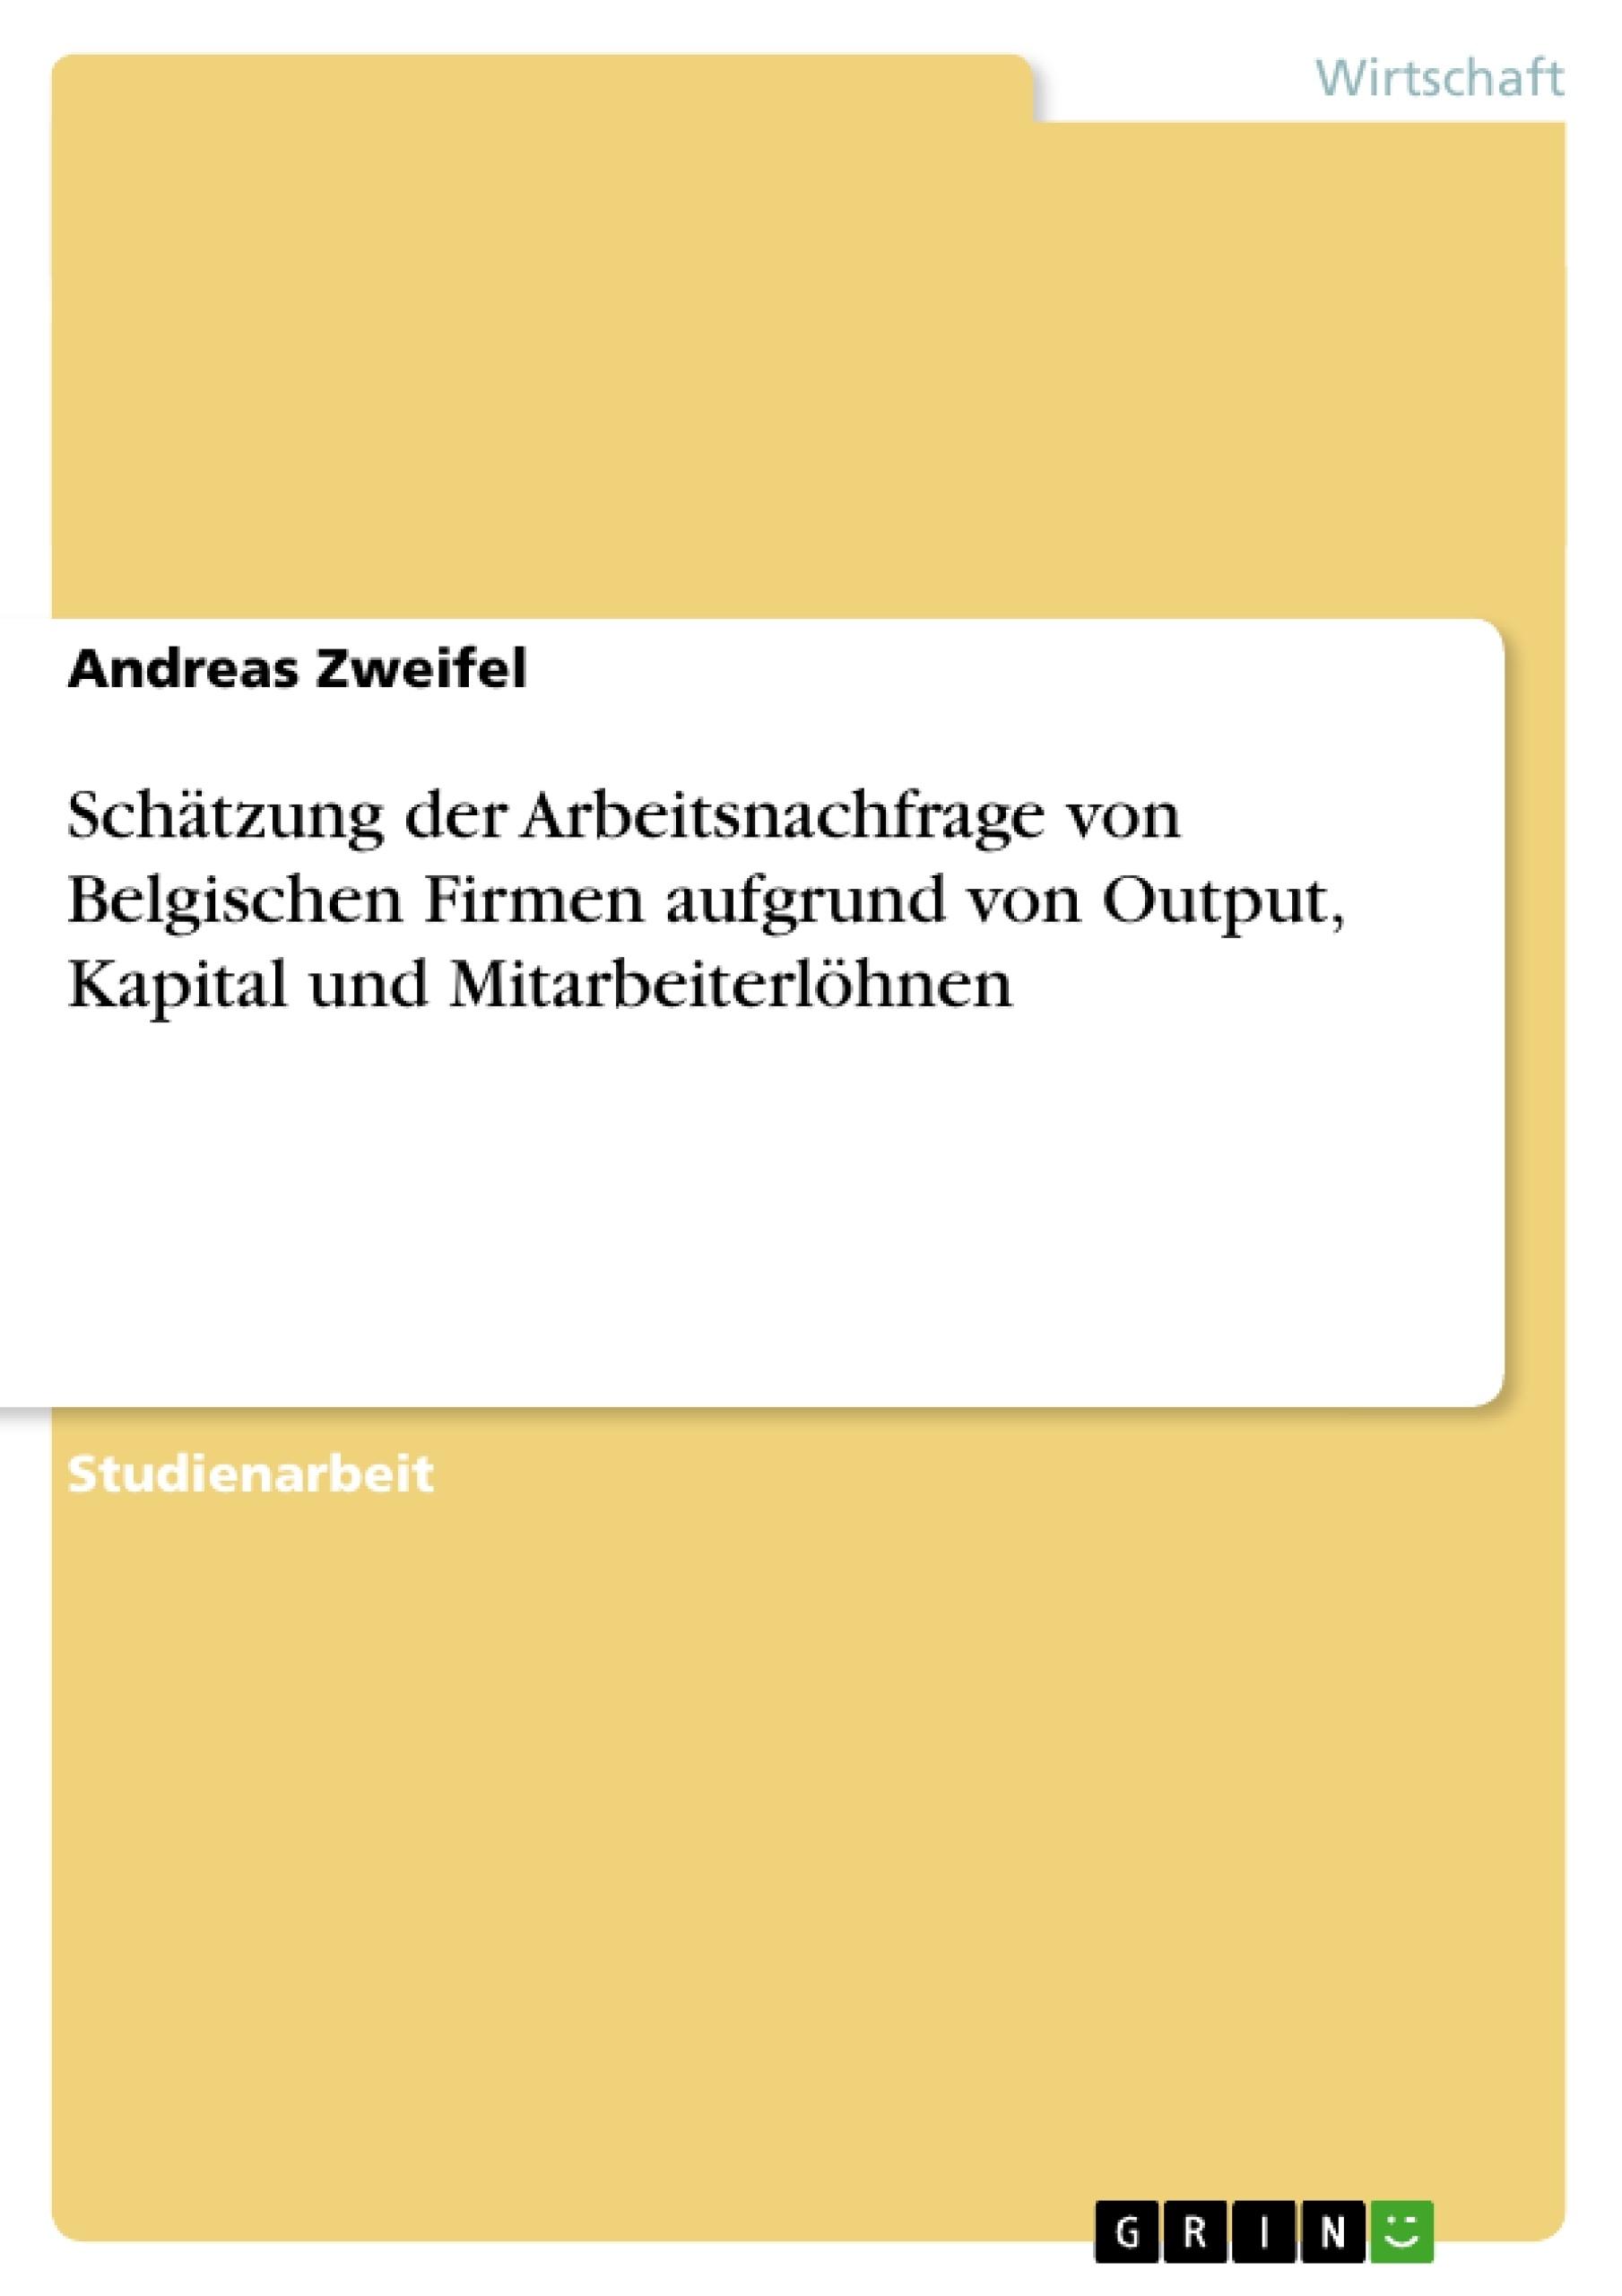 Titel: Schätzung der Arbeitsnachfrage von Belgischen Firmen aufgrund von Output, Kapital und Mitarbeiterlöhnen